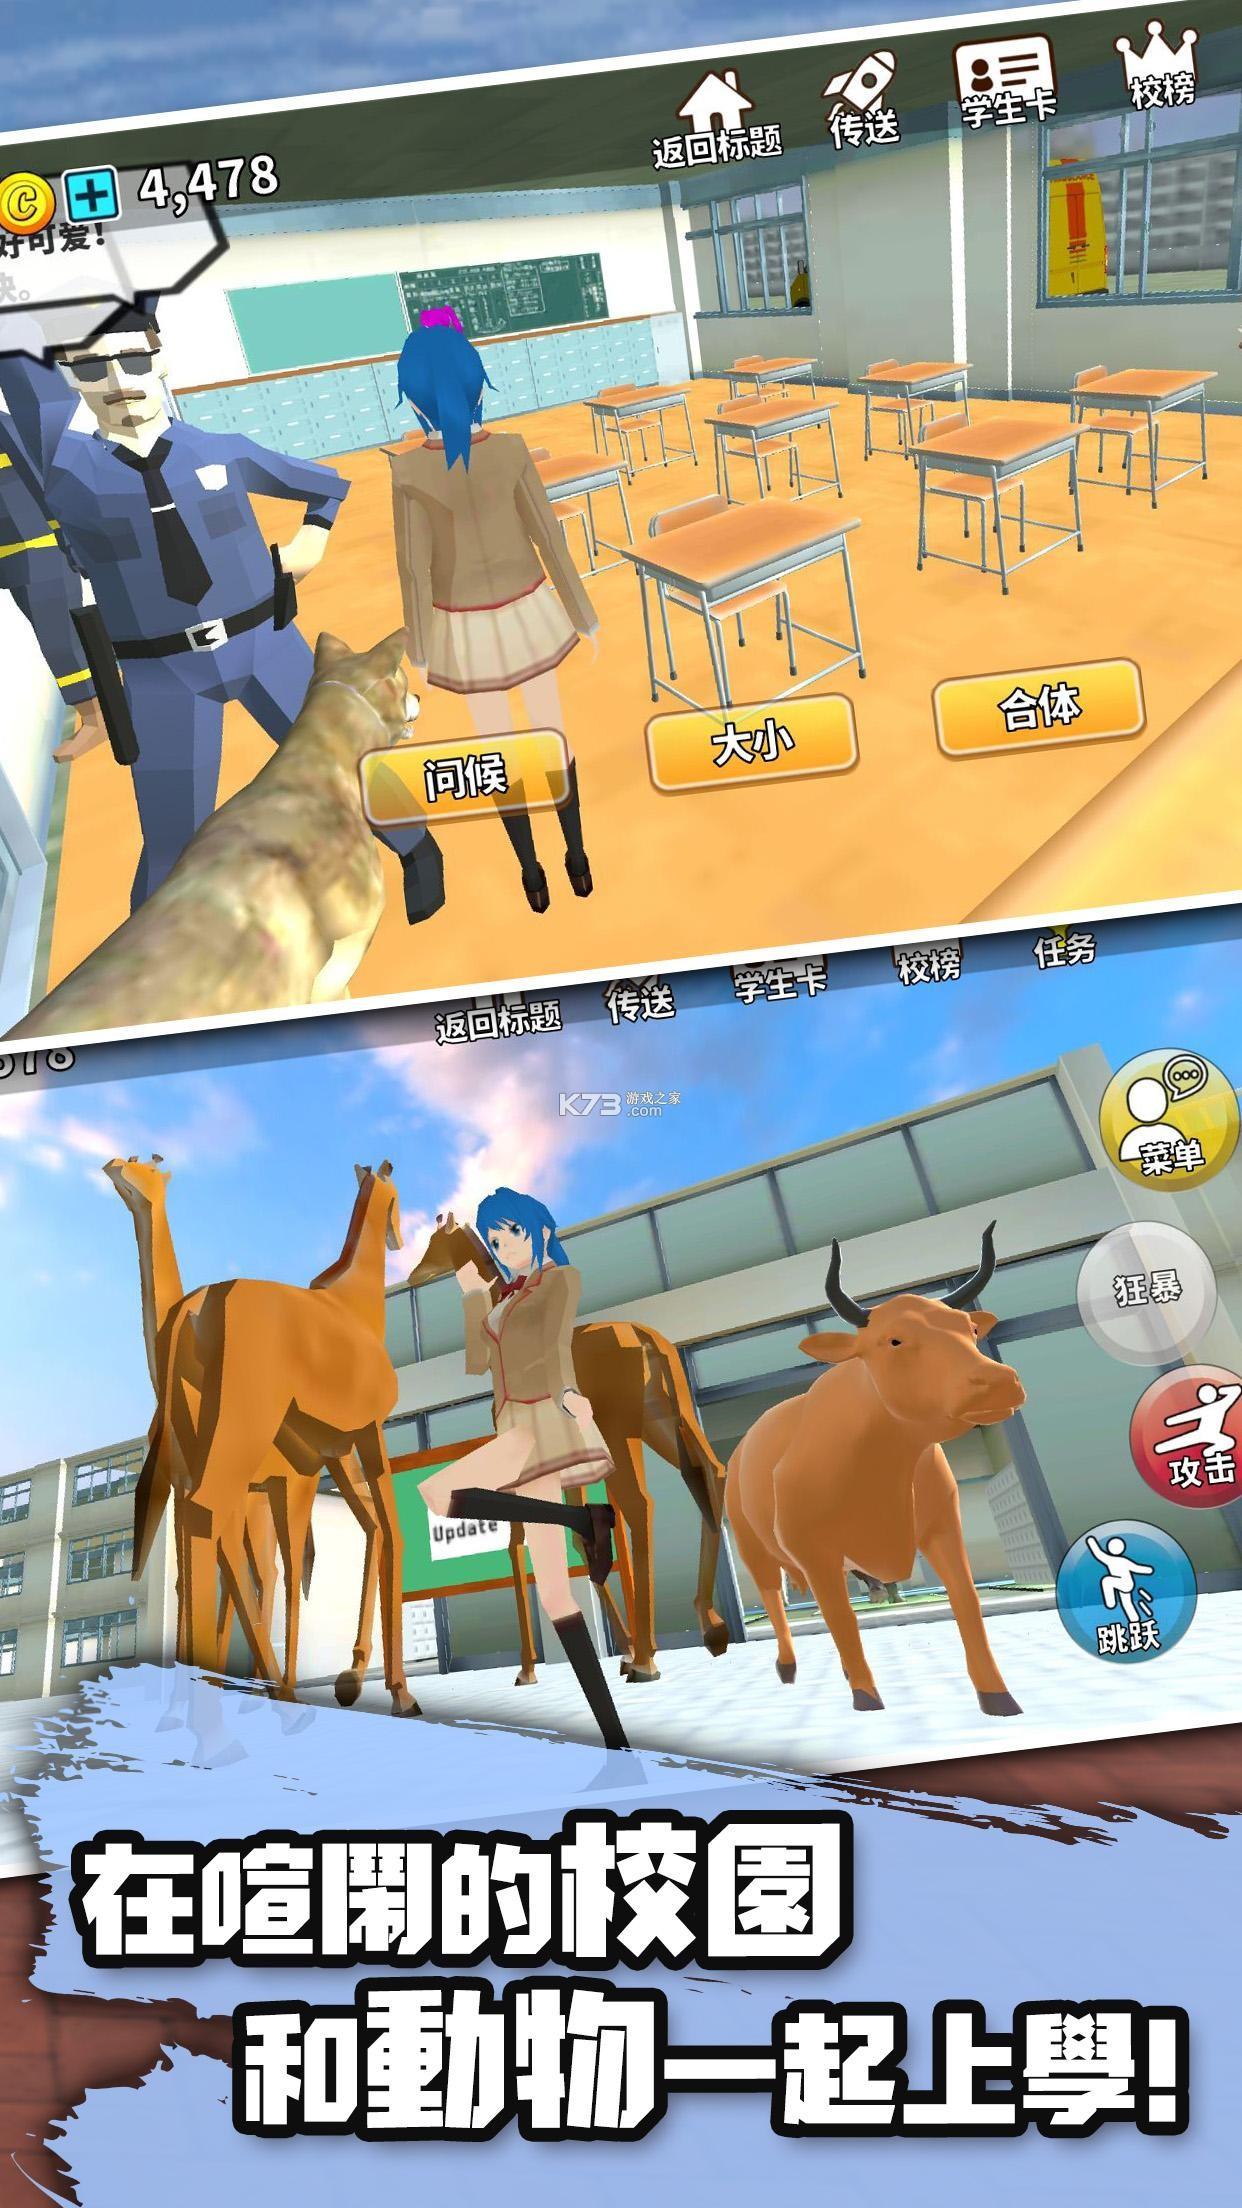 動物校園模擬器 v1.0.1 安卓中文版 截圖